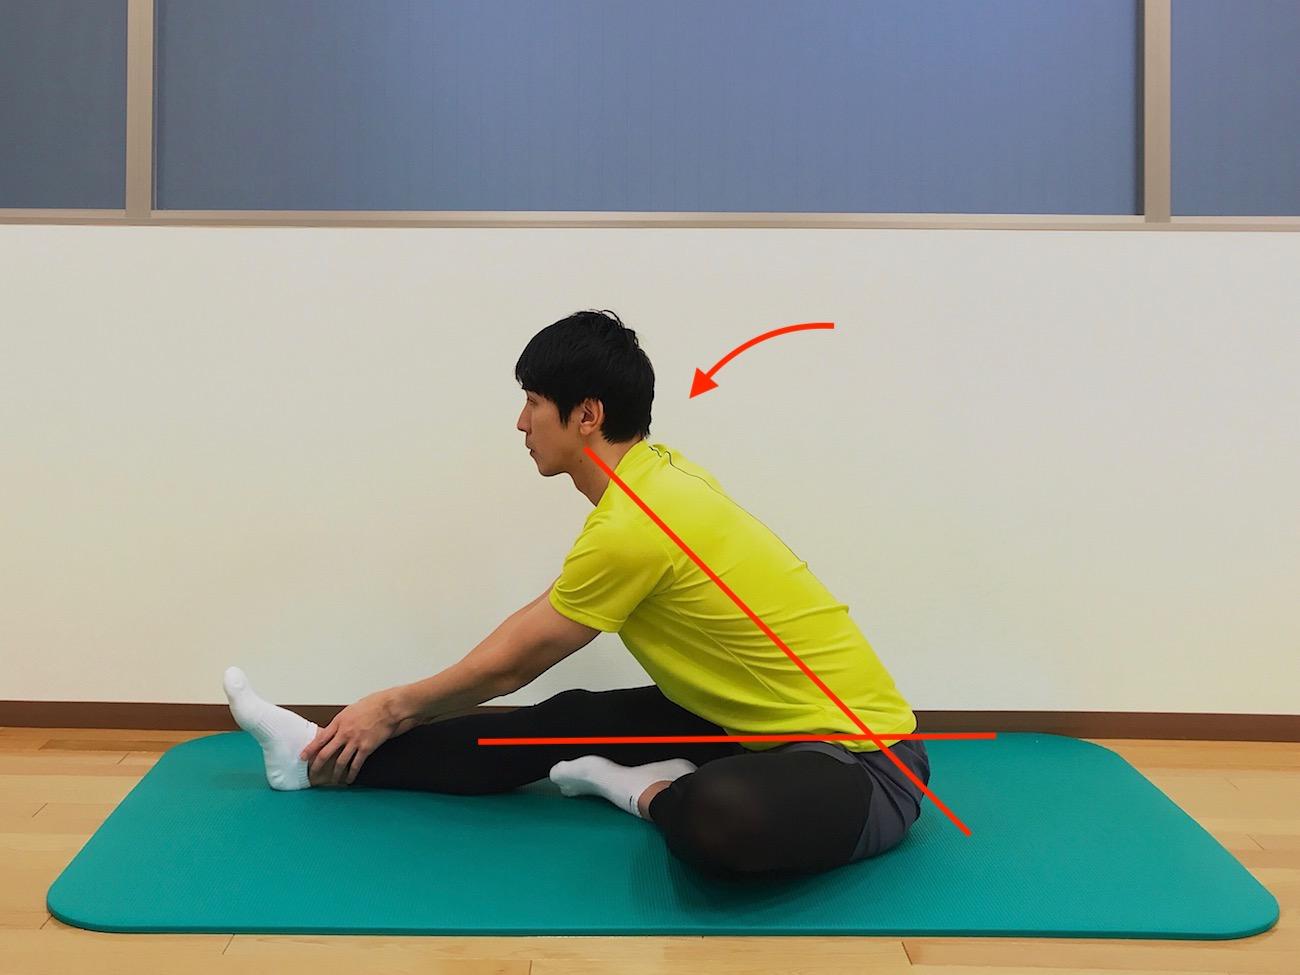 床に座った姿勢で行うハムストリングスのストレッチの方法